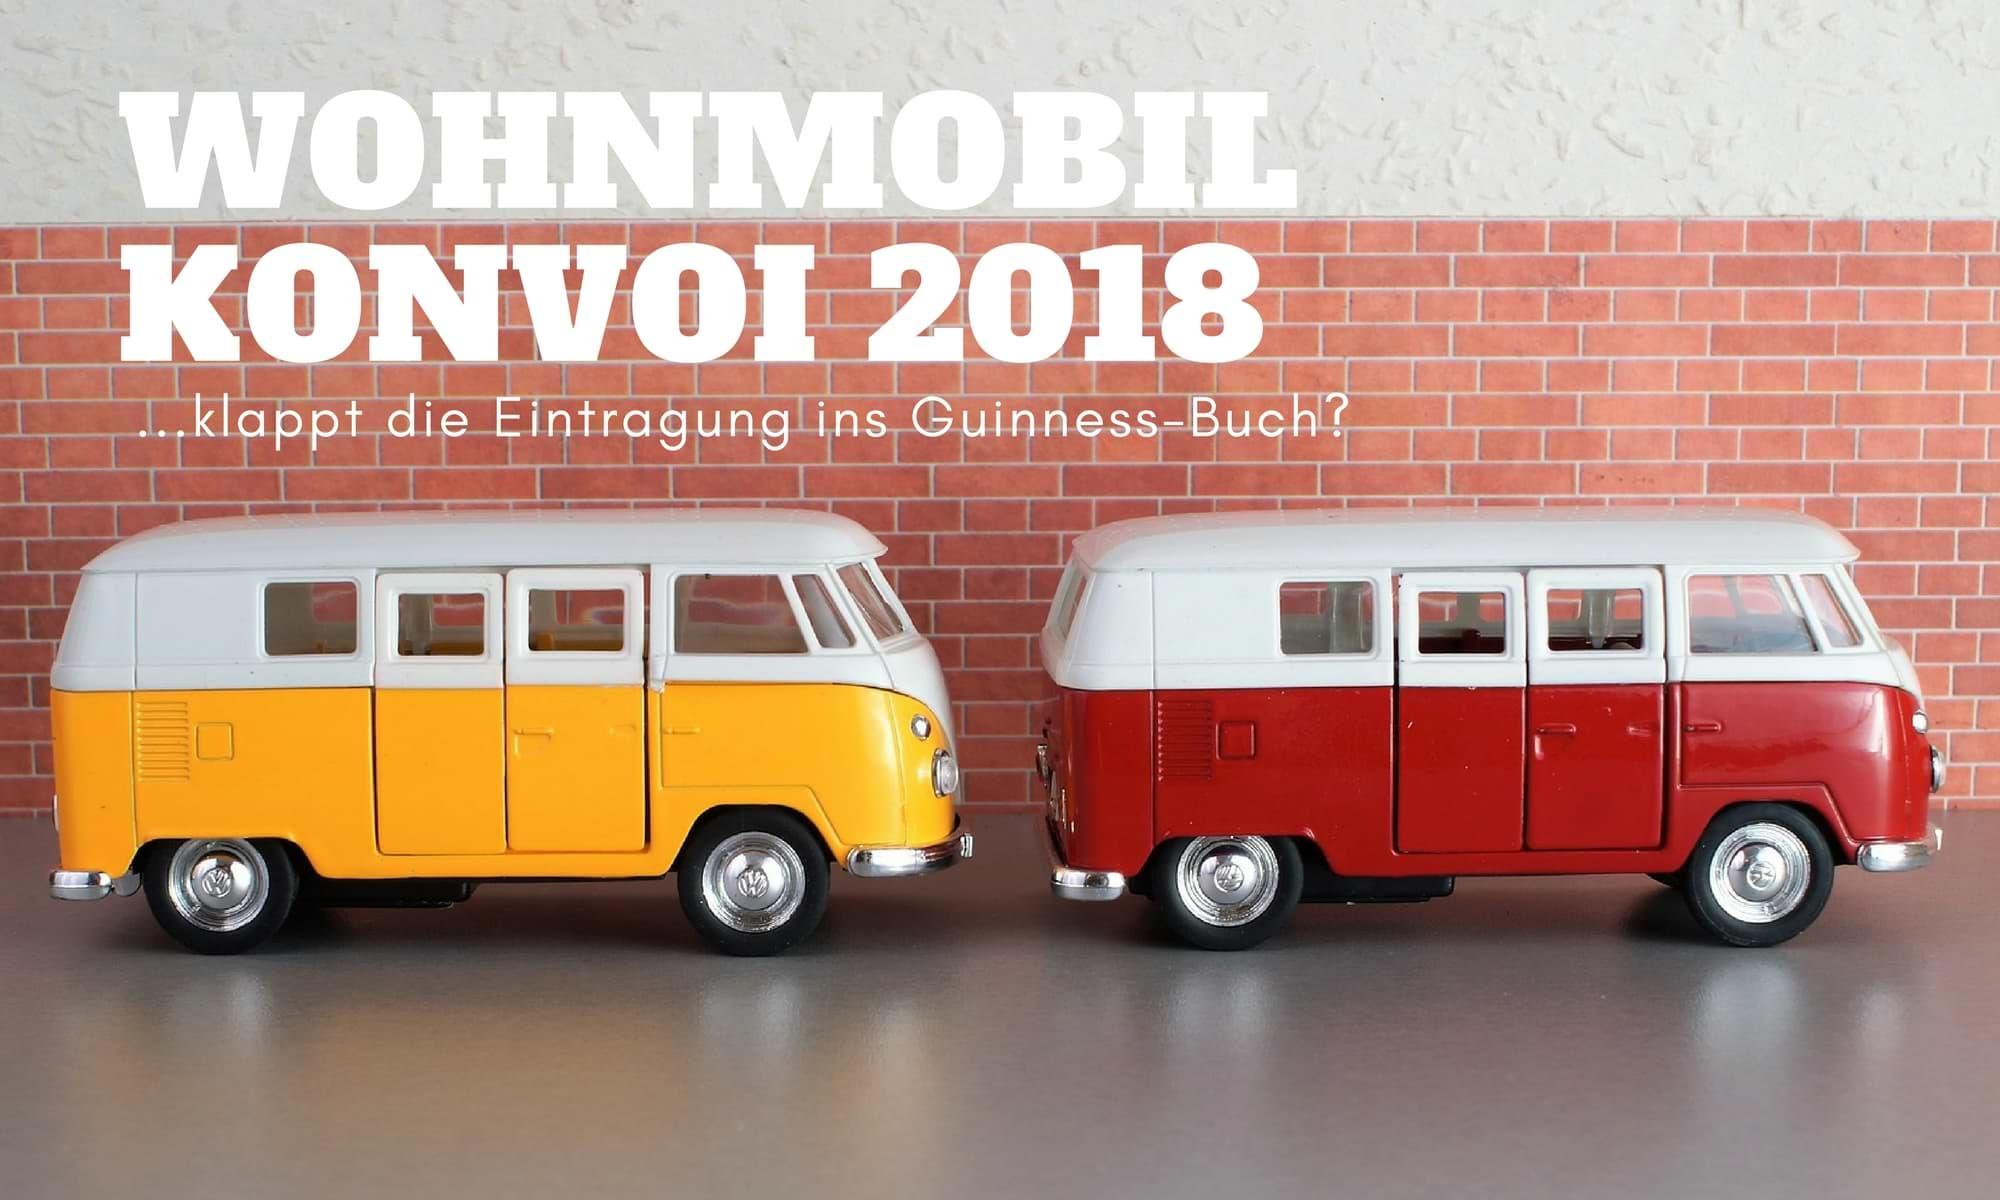 wohnmobil konvoi weltrekord guinness 2018